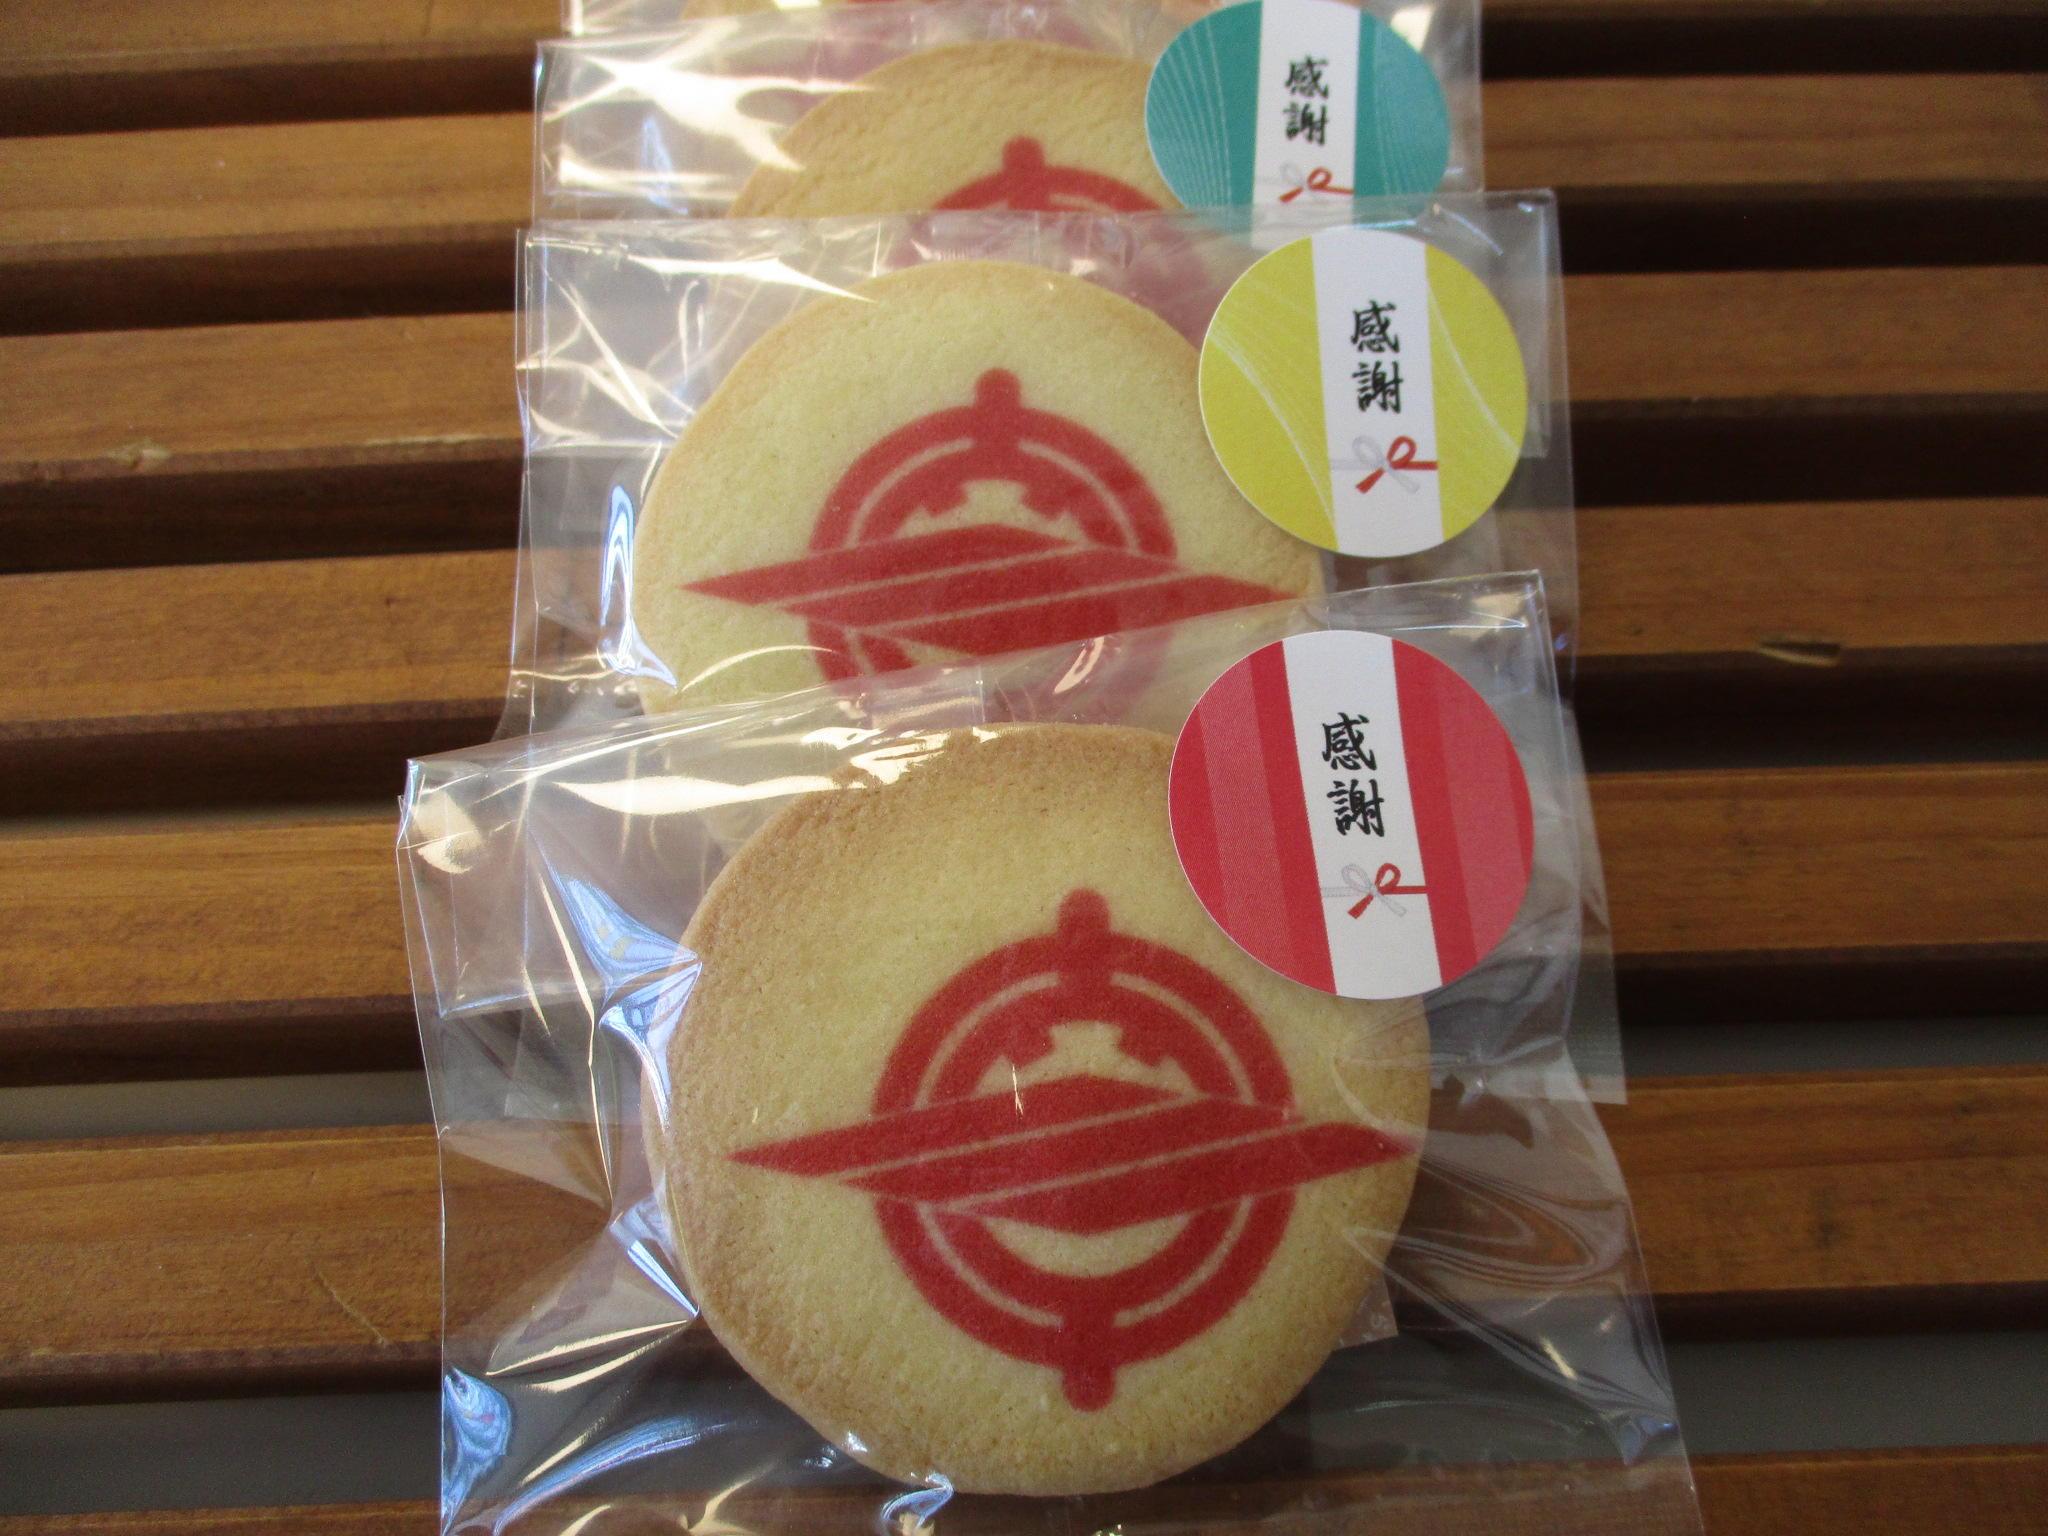 【オリジナルオーダークッキー】☆昨年は多くのご注文を頂きました☆